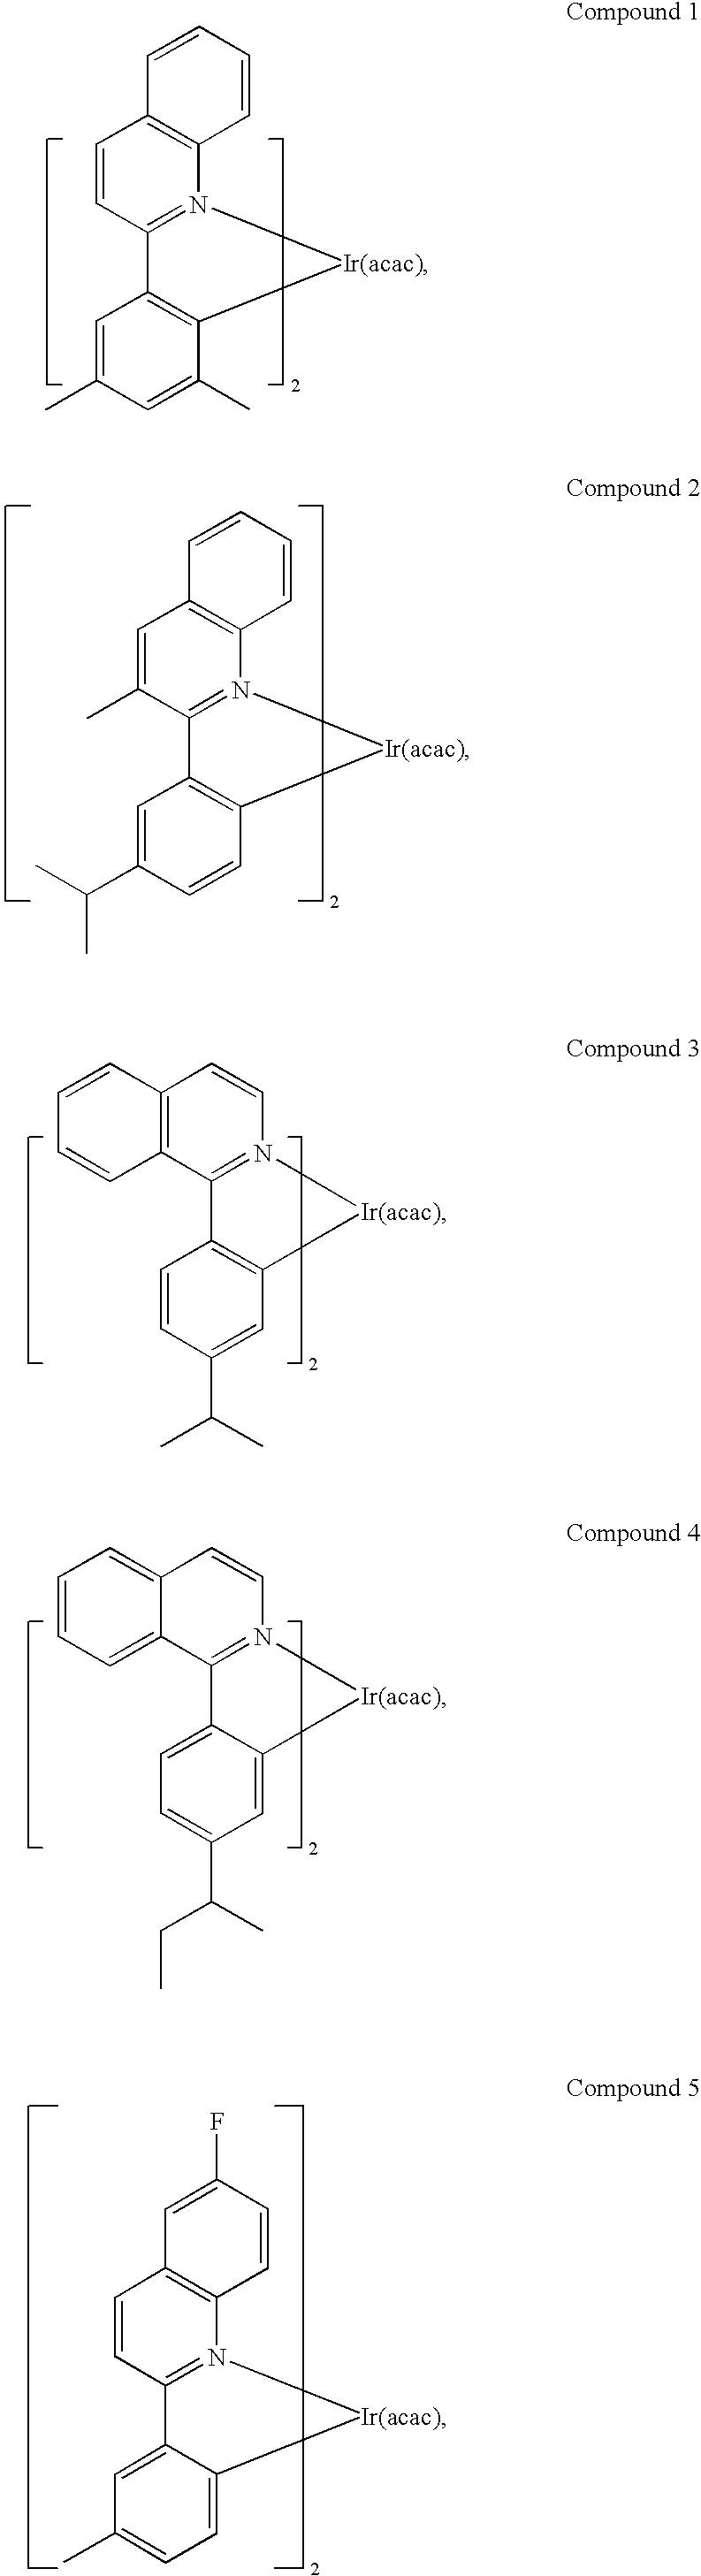 Figure US20080261076A1-20081023-C00120